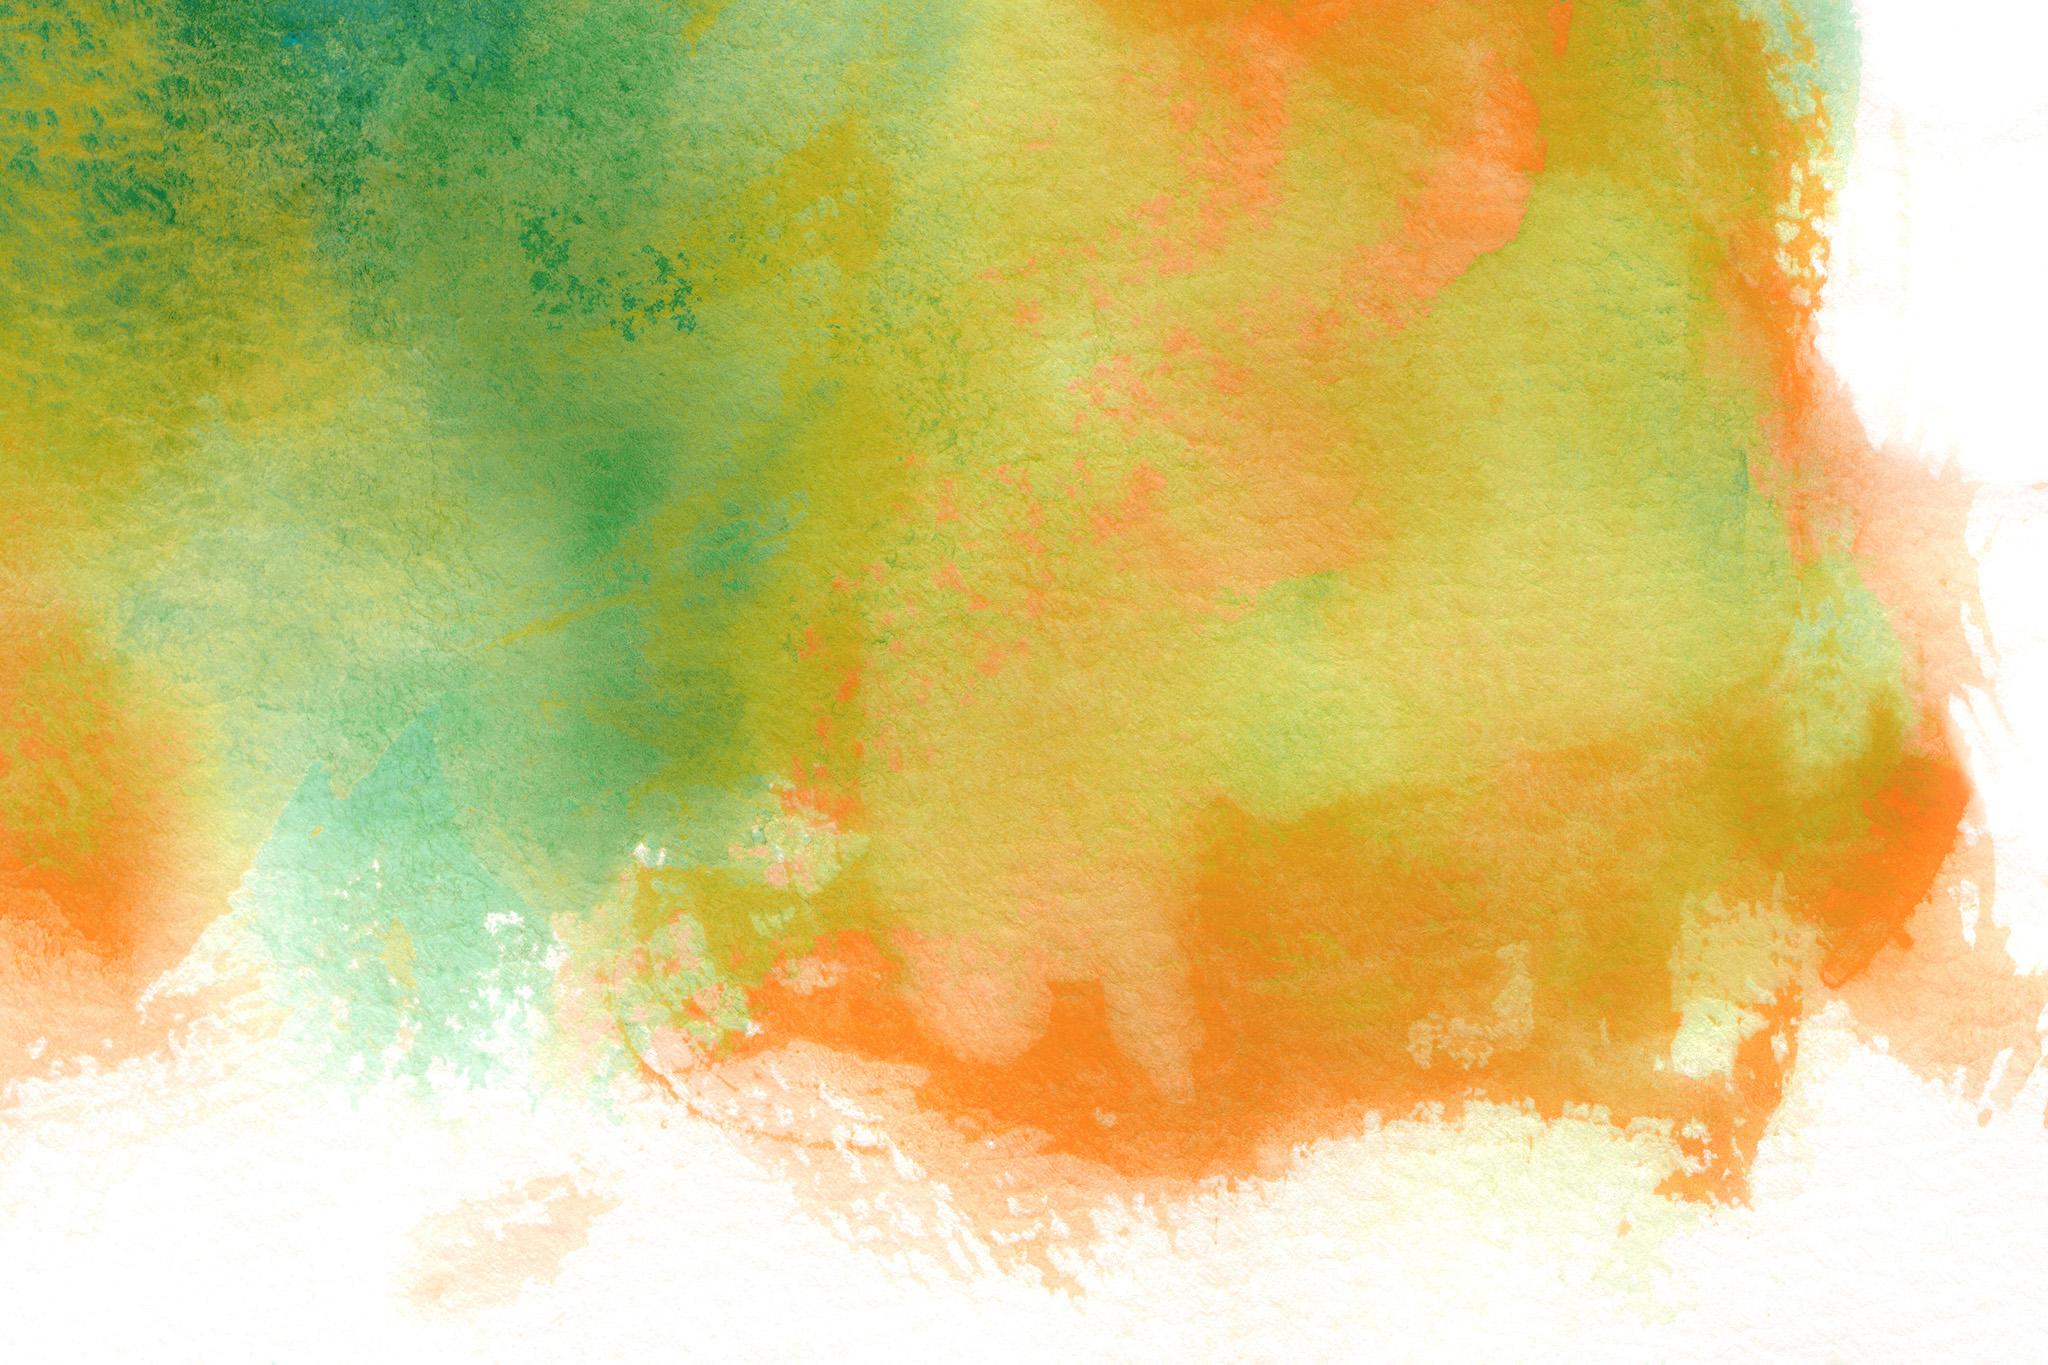 「緑と黄が暈ける水彩模様」